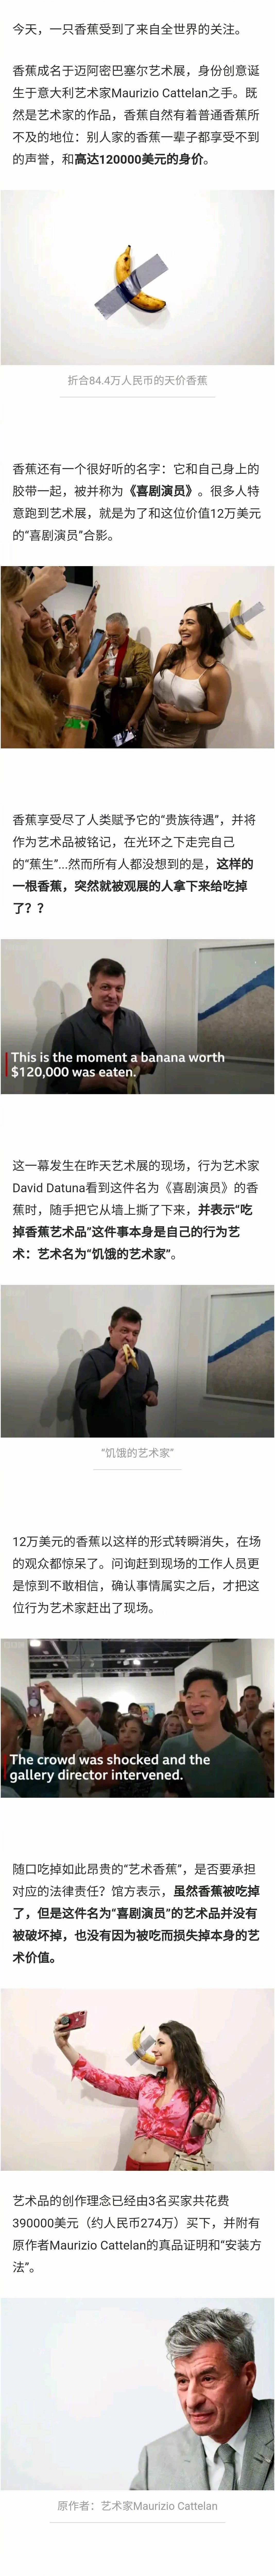 """国外到处被打卡的""""天价香蕉""""以艺术墙的方式现身家乐福"""